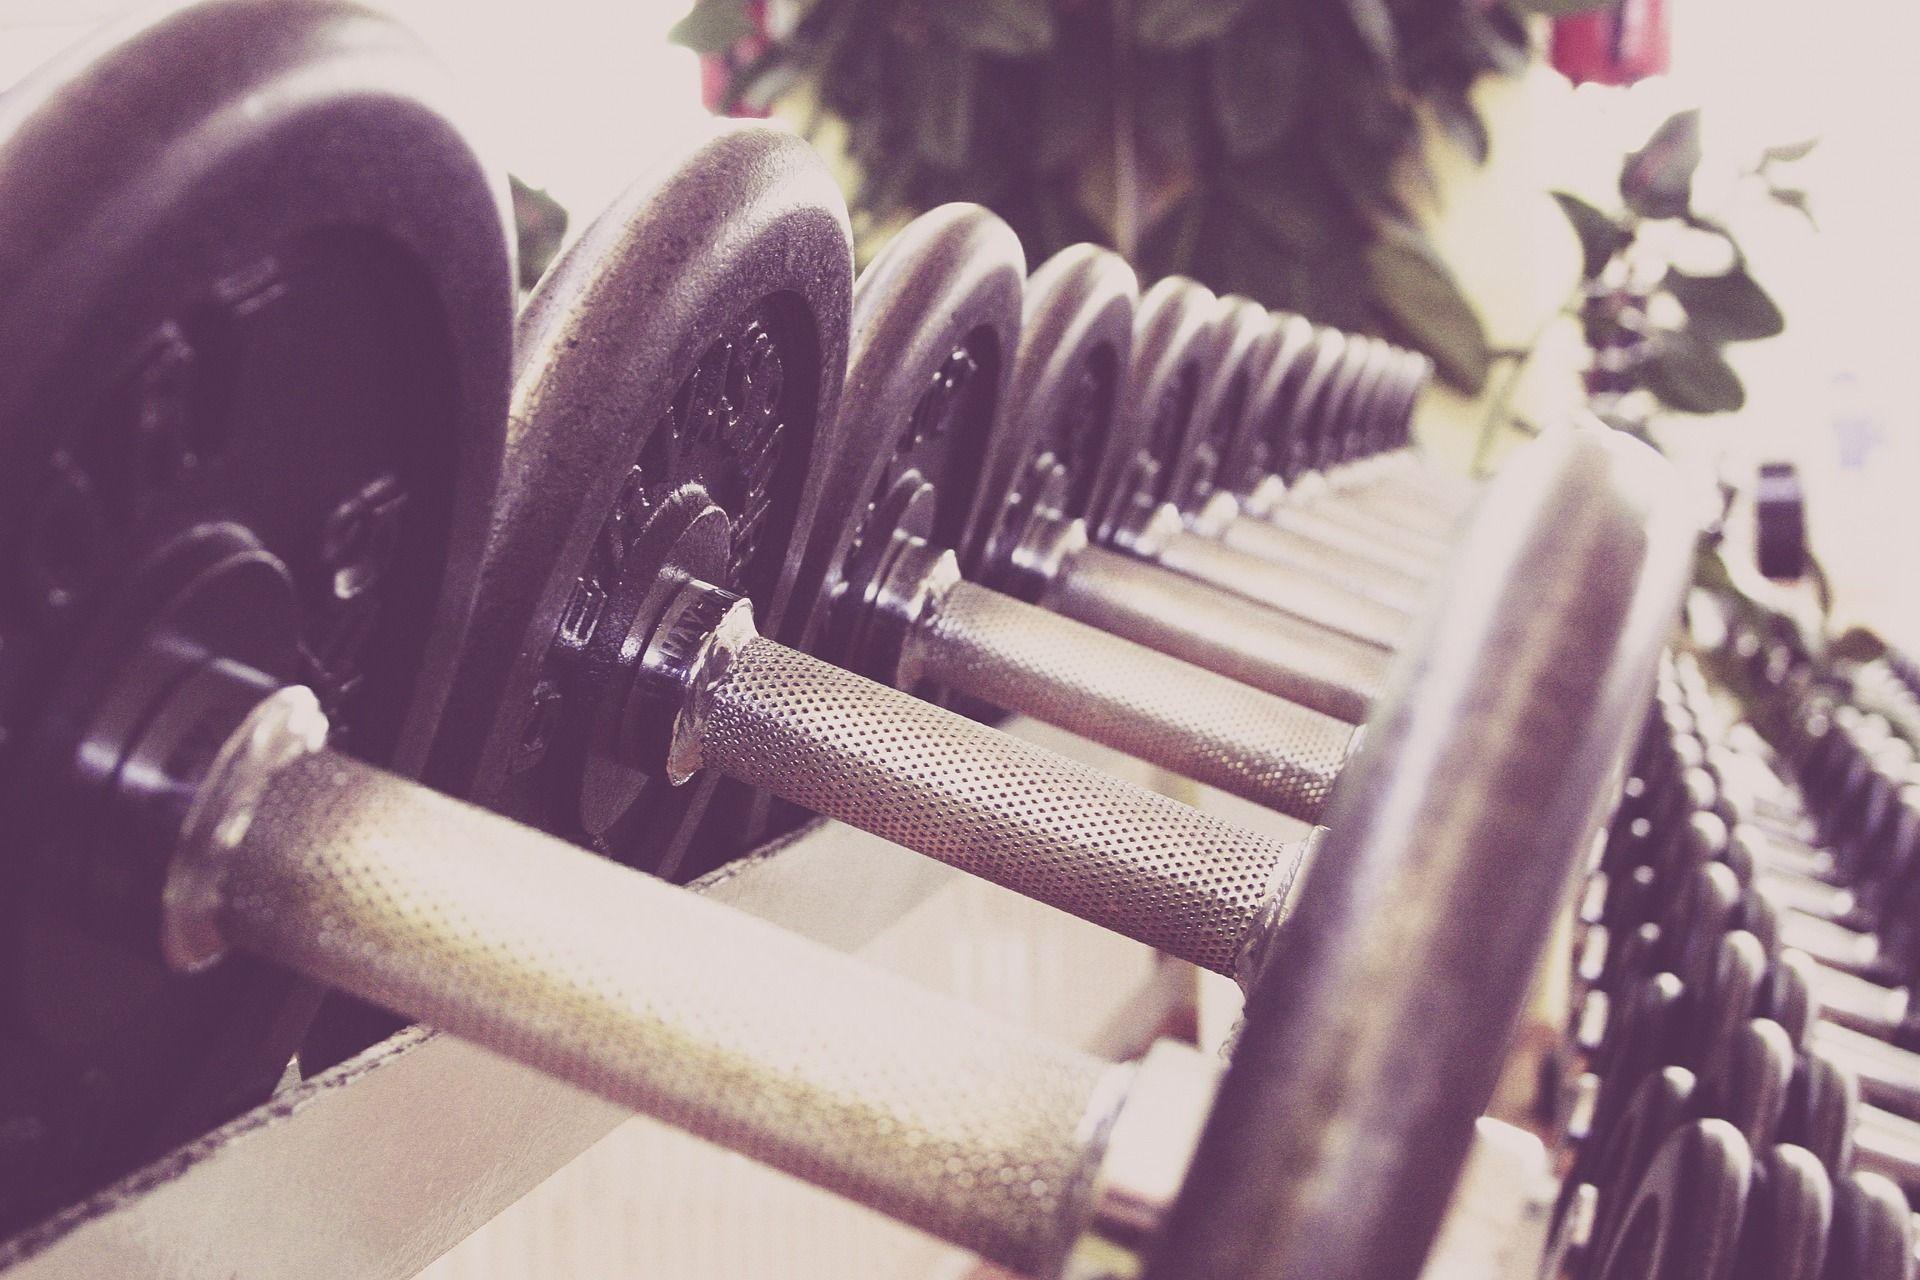 Wie viele Wiederholungen für den Muskelaufbau?